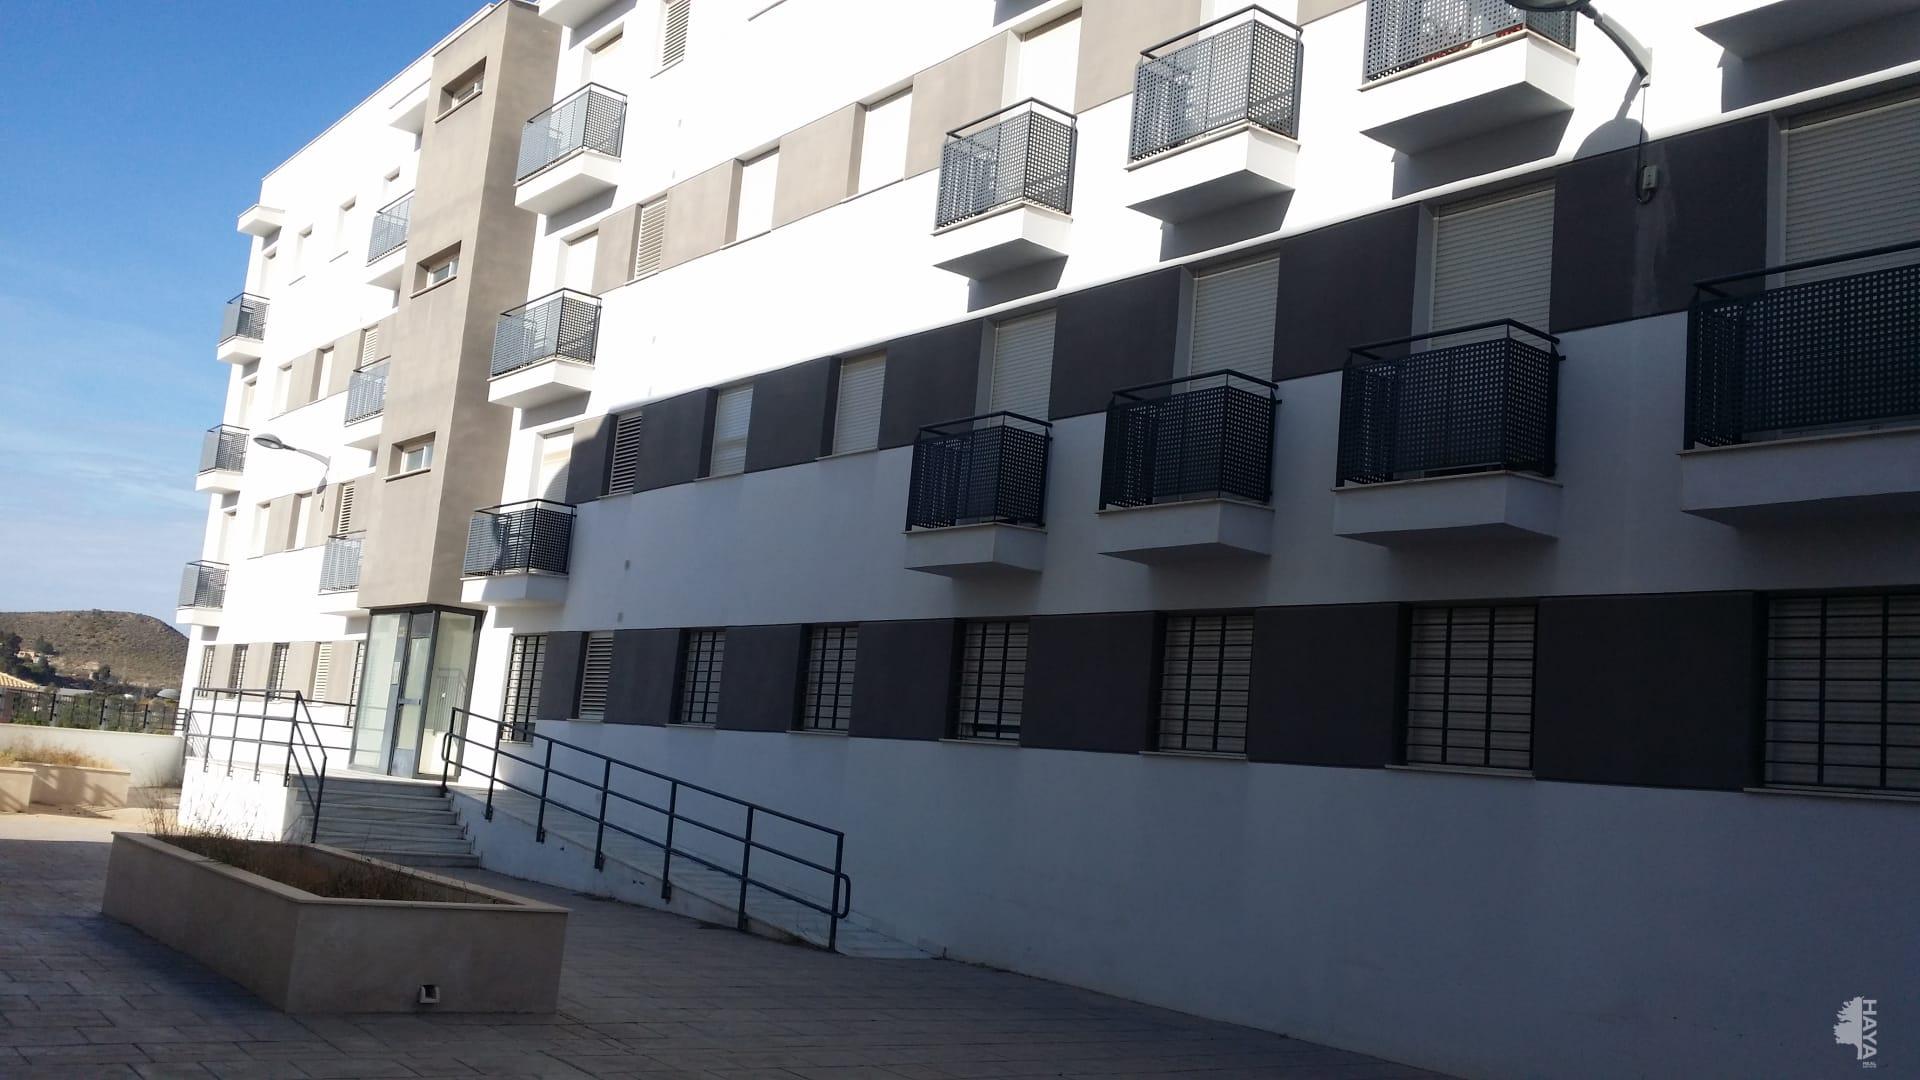 Piso en venta en Huitar Mayor, Olula del Río, Almería, Calle Alta, 84.500 €, 3 habitaciones, 1 baño, 101 m2